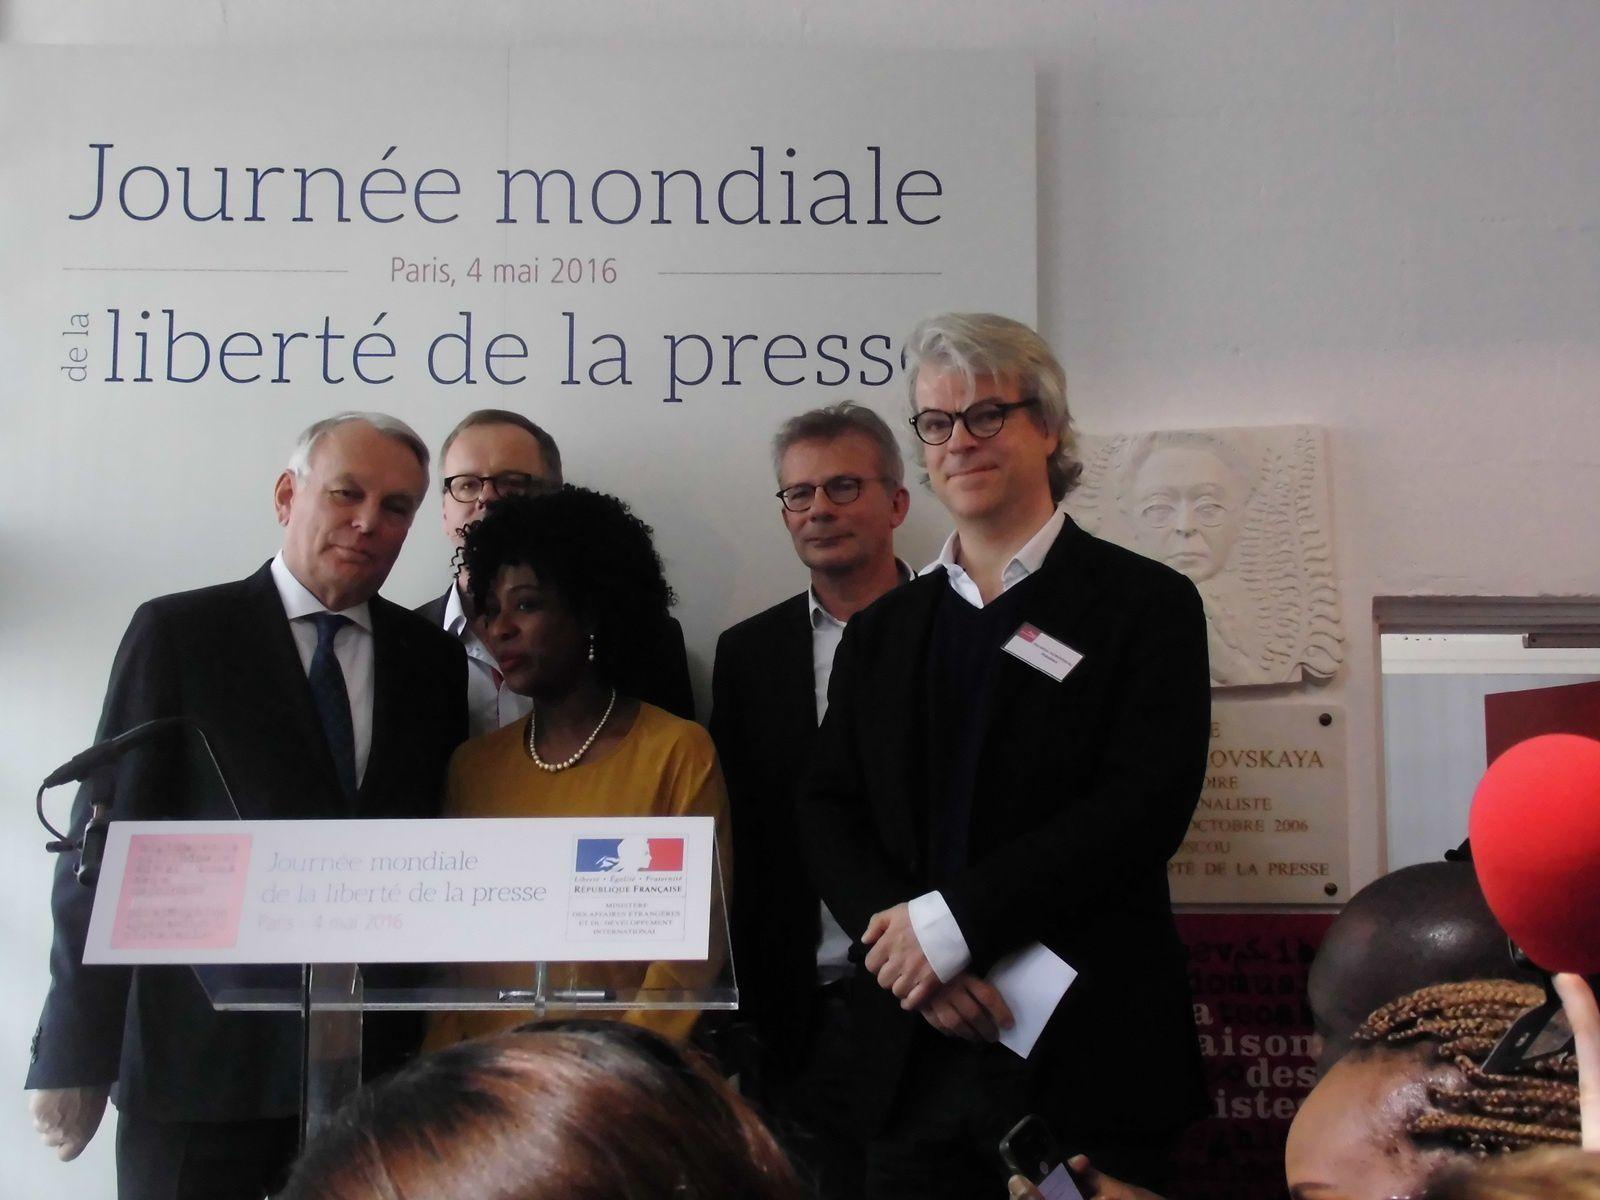 Journée mondiale de la liberté de la presse : Jean Marc Ayrault, solidaire aux journalistes exilés